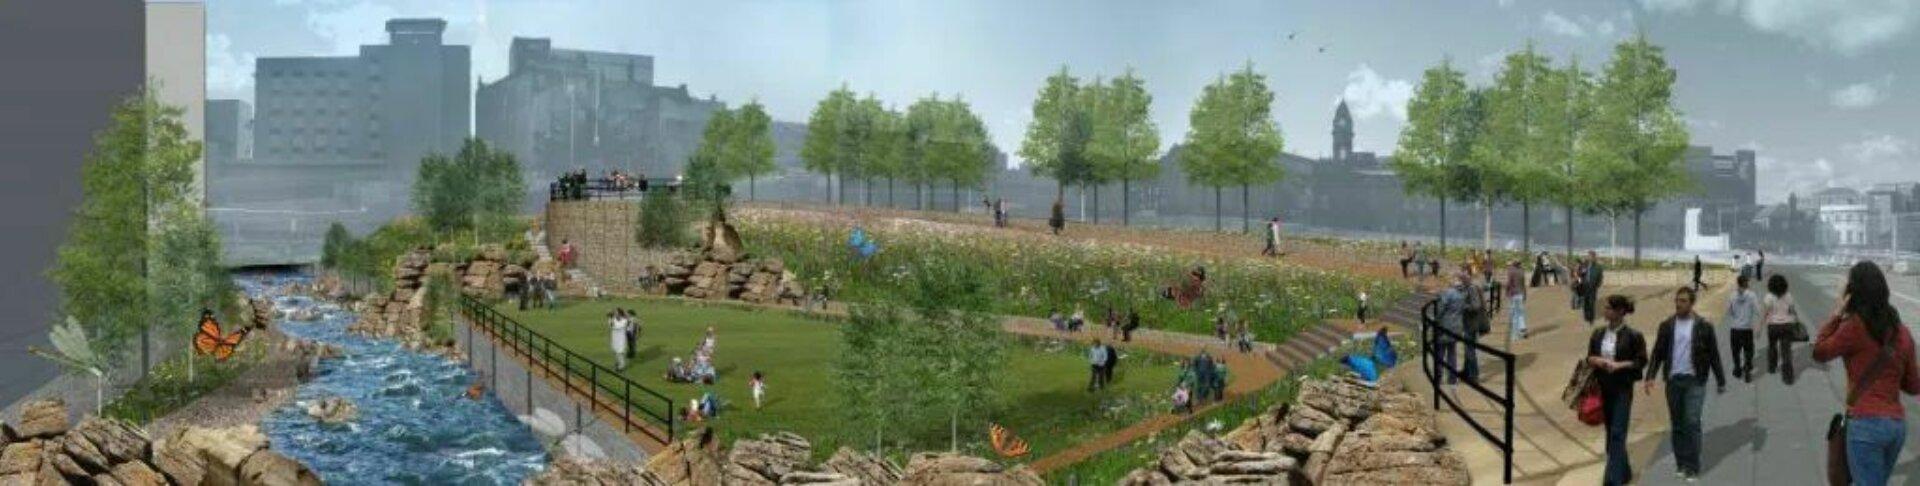 Sheaf Field Castlegate Park Plans pocket park